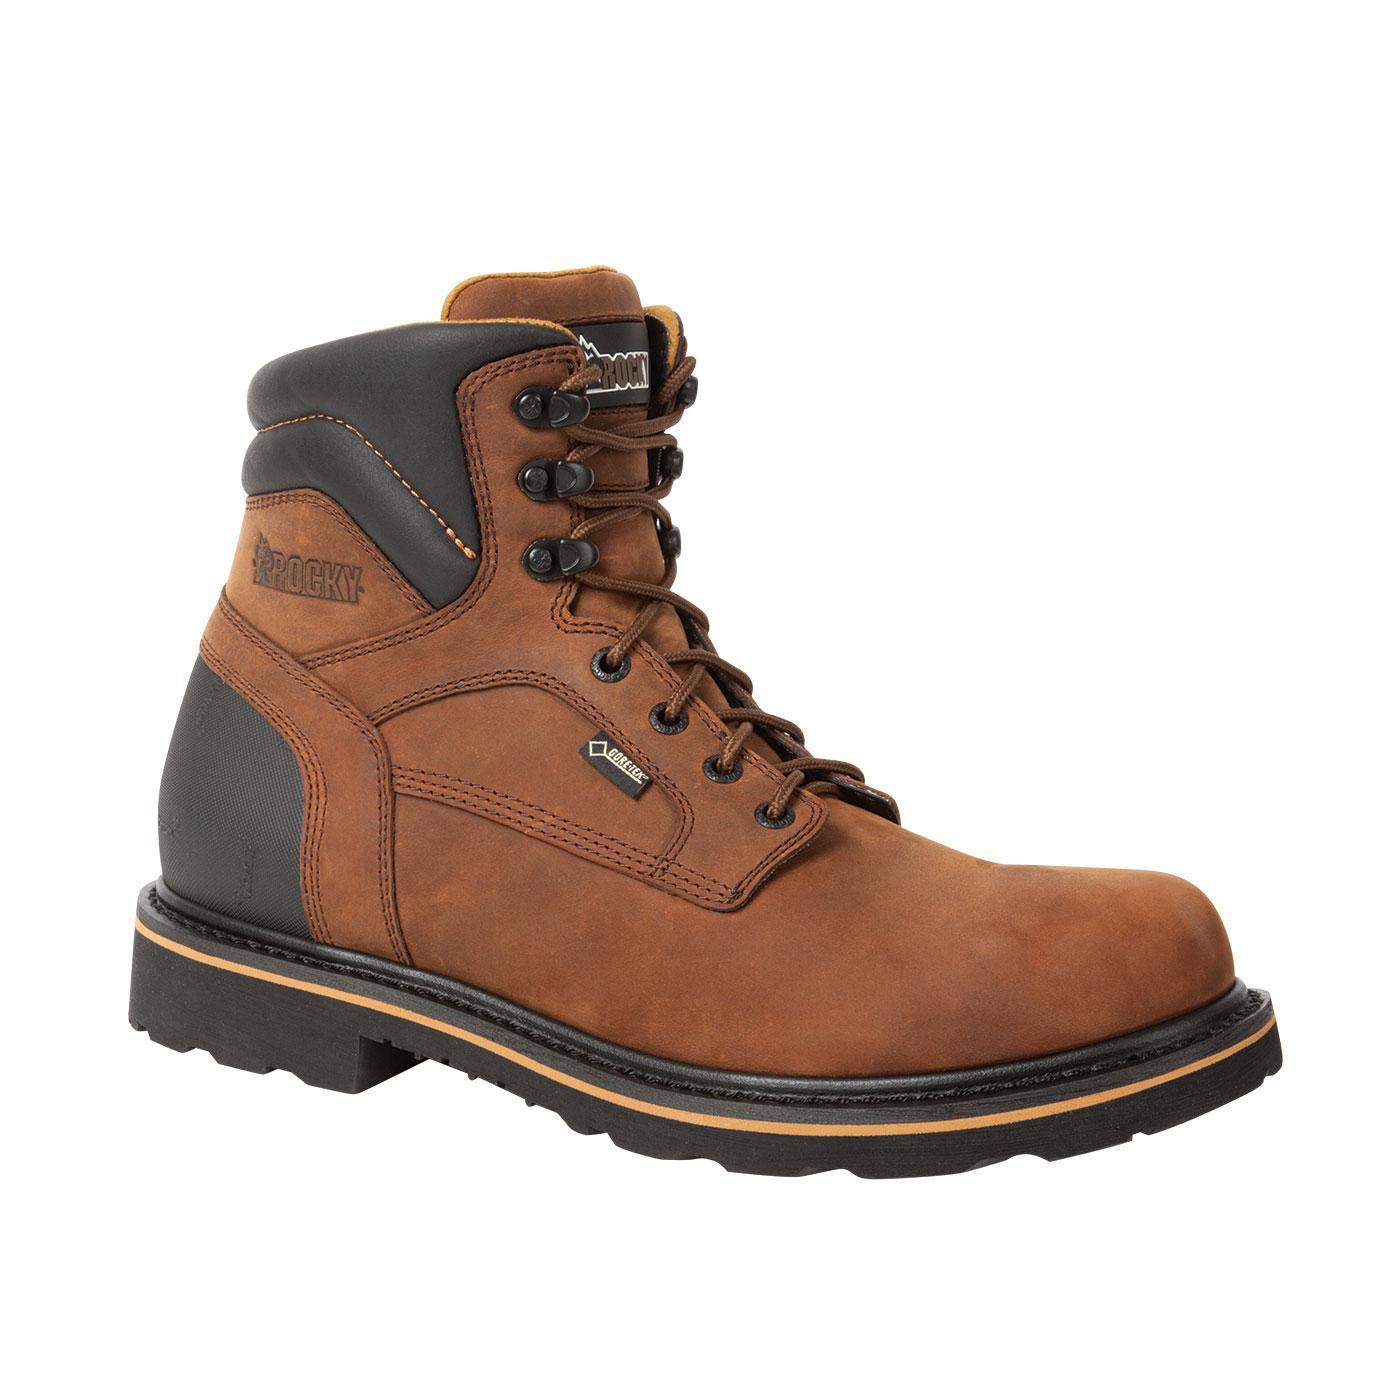 bbf9075e84c Rocky Governor GORE-TEX® Composite Toe Work Boot